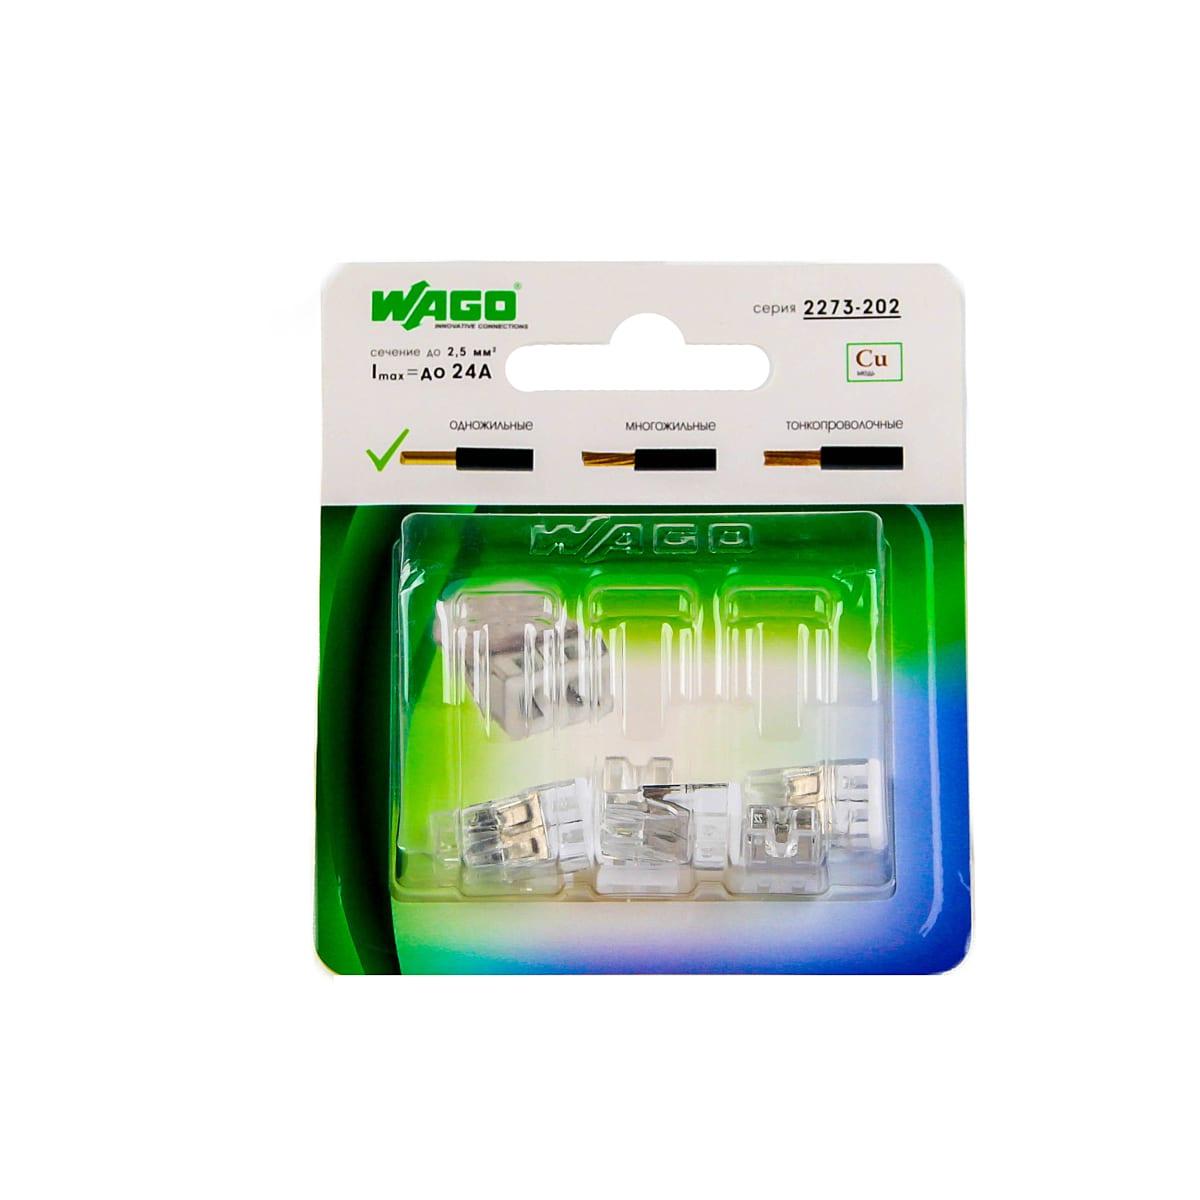 Клемма Wago 2 разъема под провода 10х5.8х16.7 мм, поликарбонат, 6 шт.